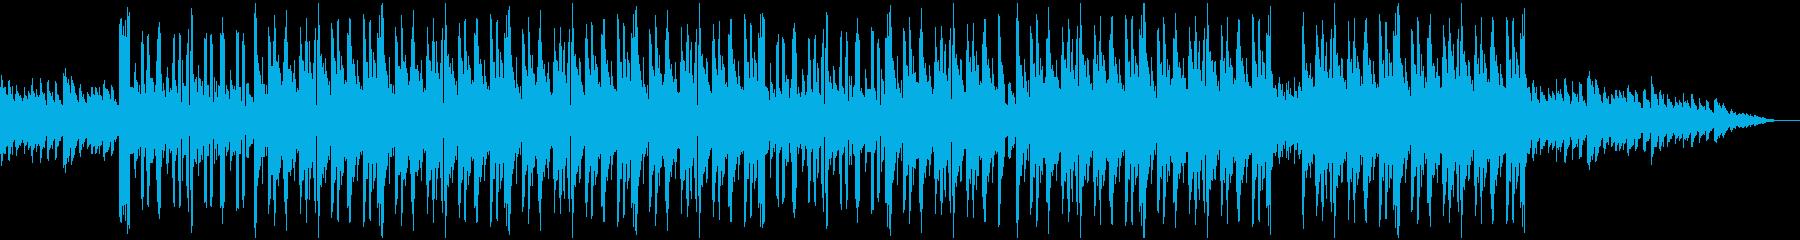 ピアノとシンセの切ないで奏でるビートの再生済みの波形